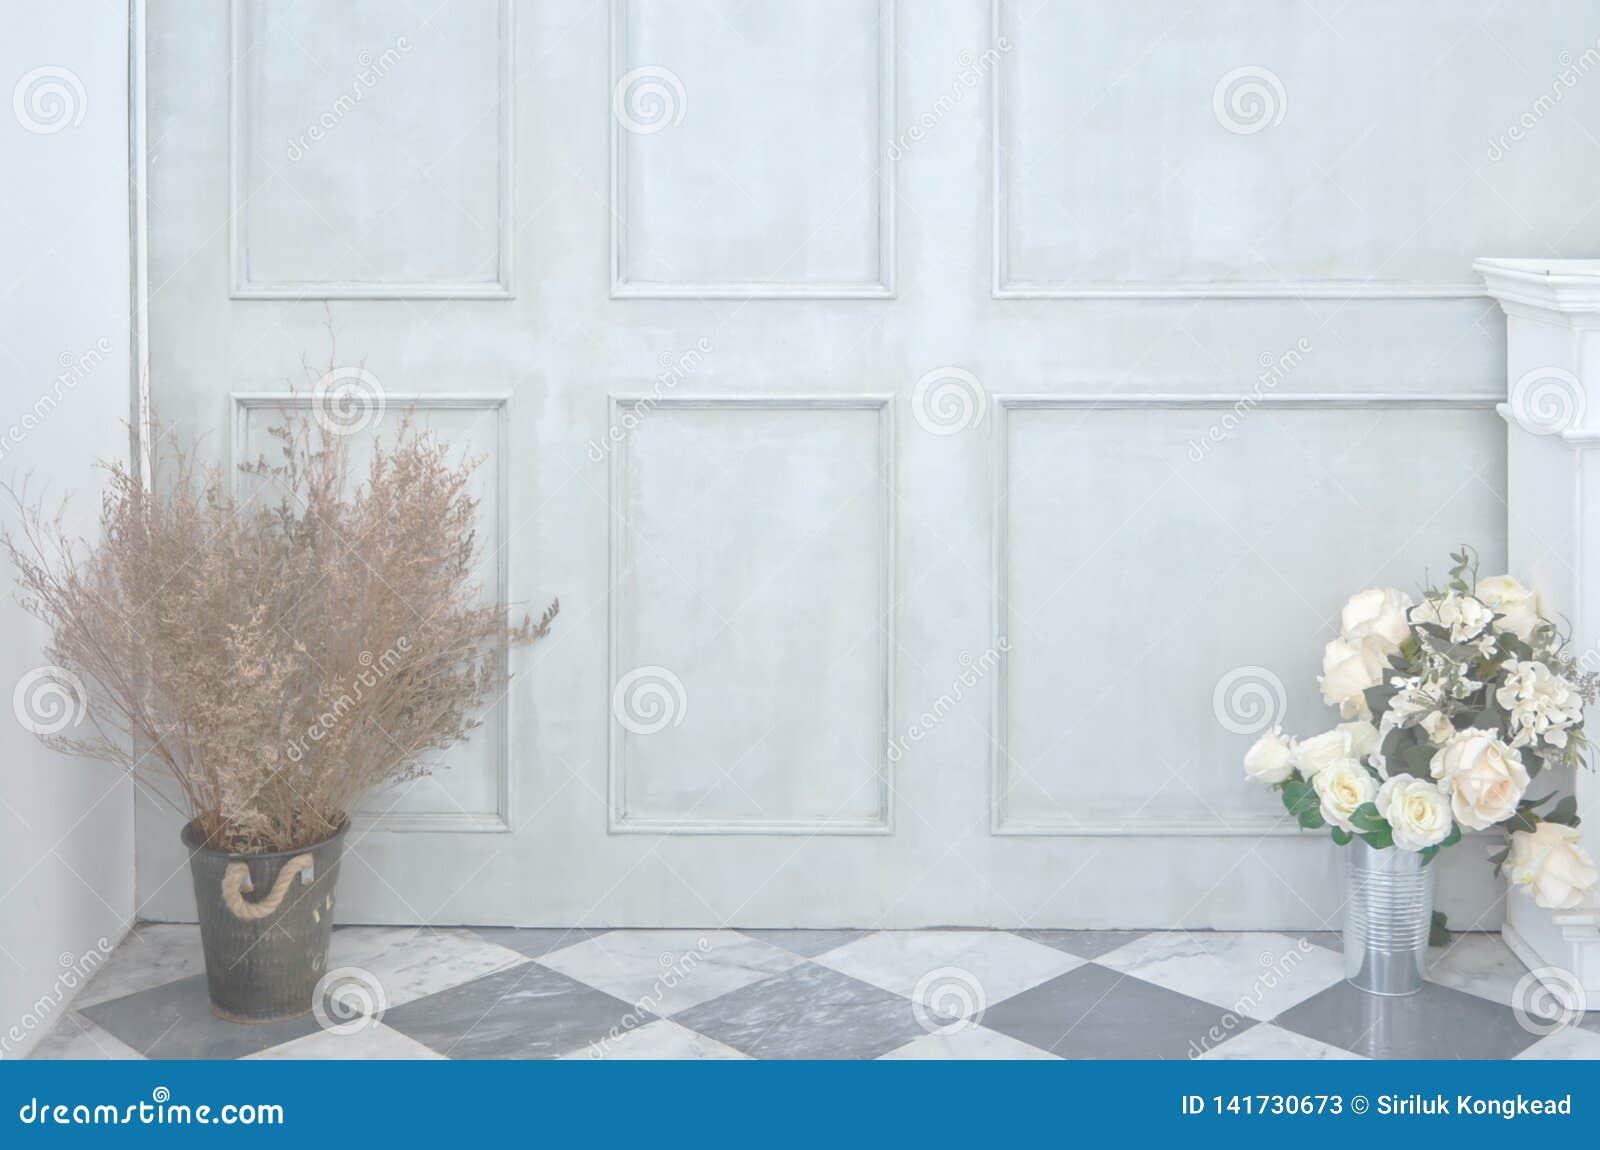 Grüner Wand- und Blumenvase